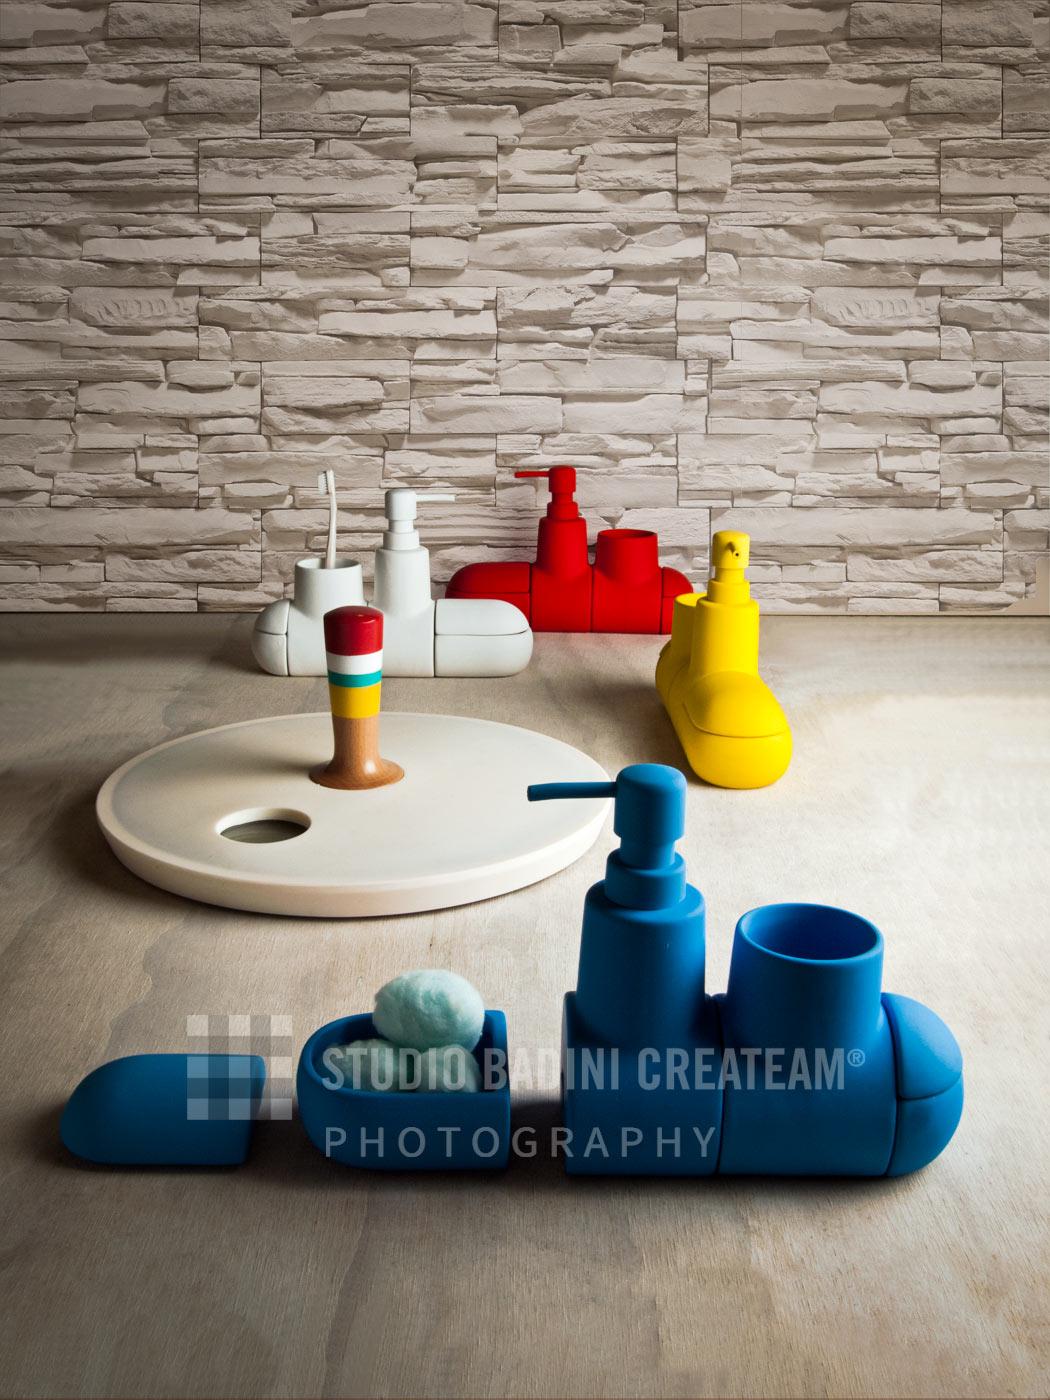 Badini Creative Studio - fotografia - seletti - submarino